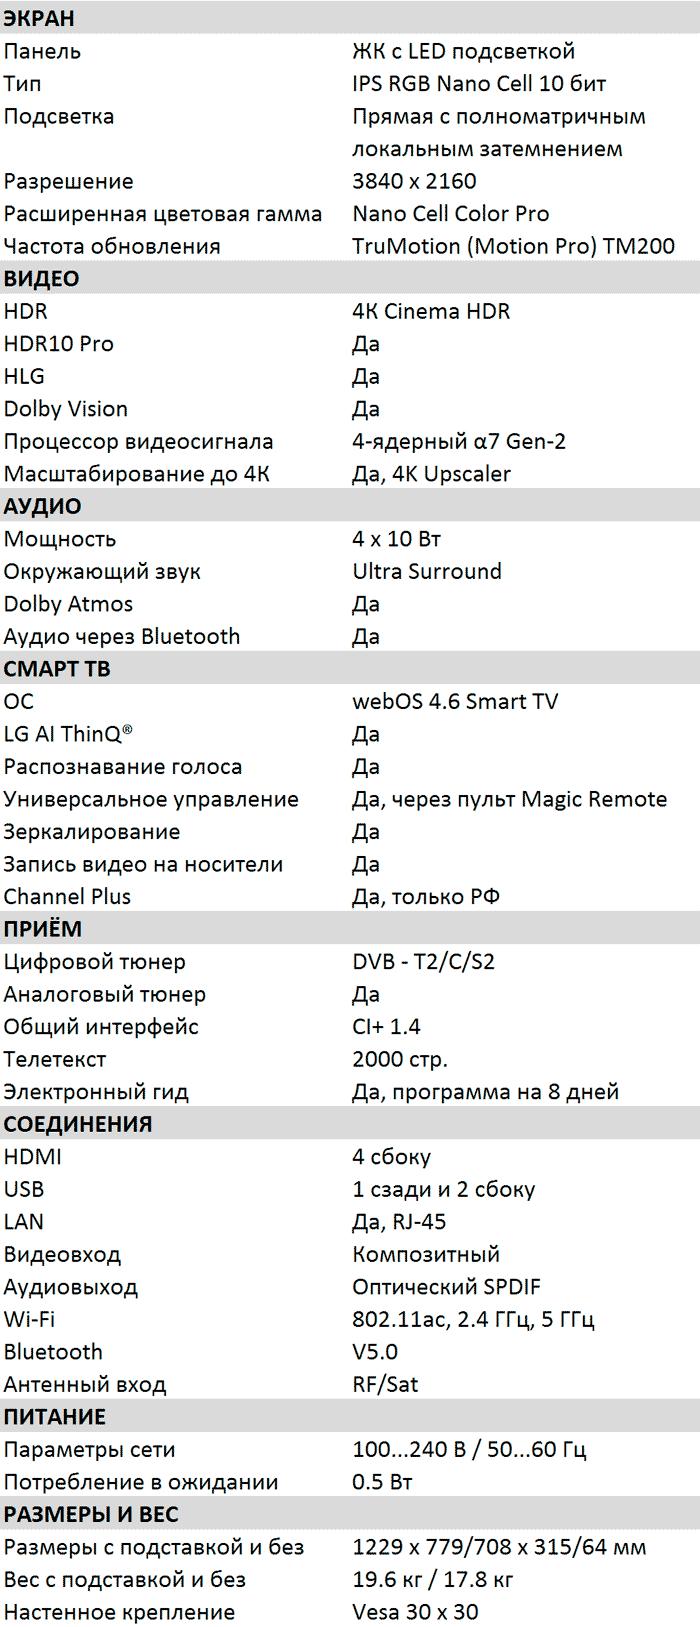 Характеристики SM9800